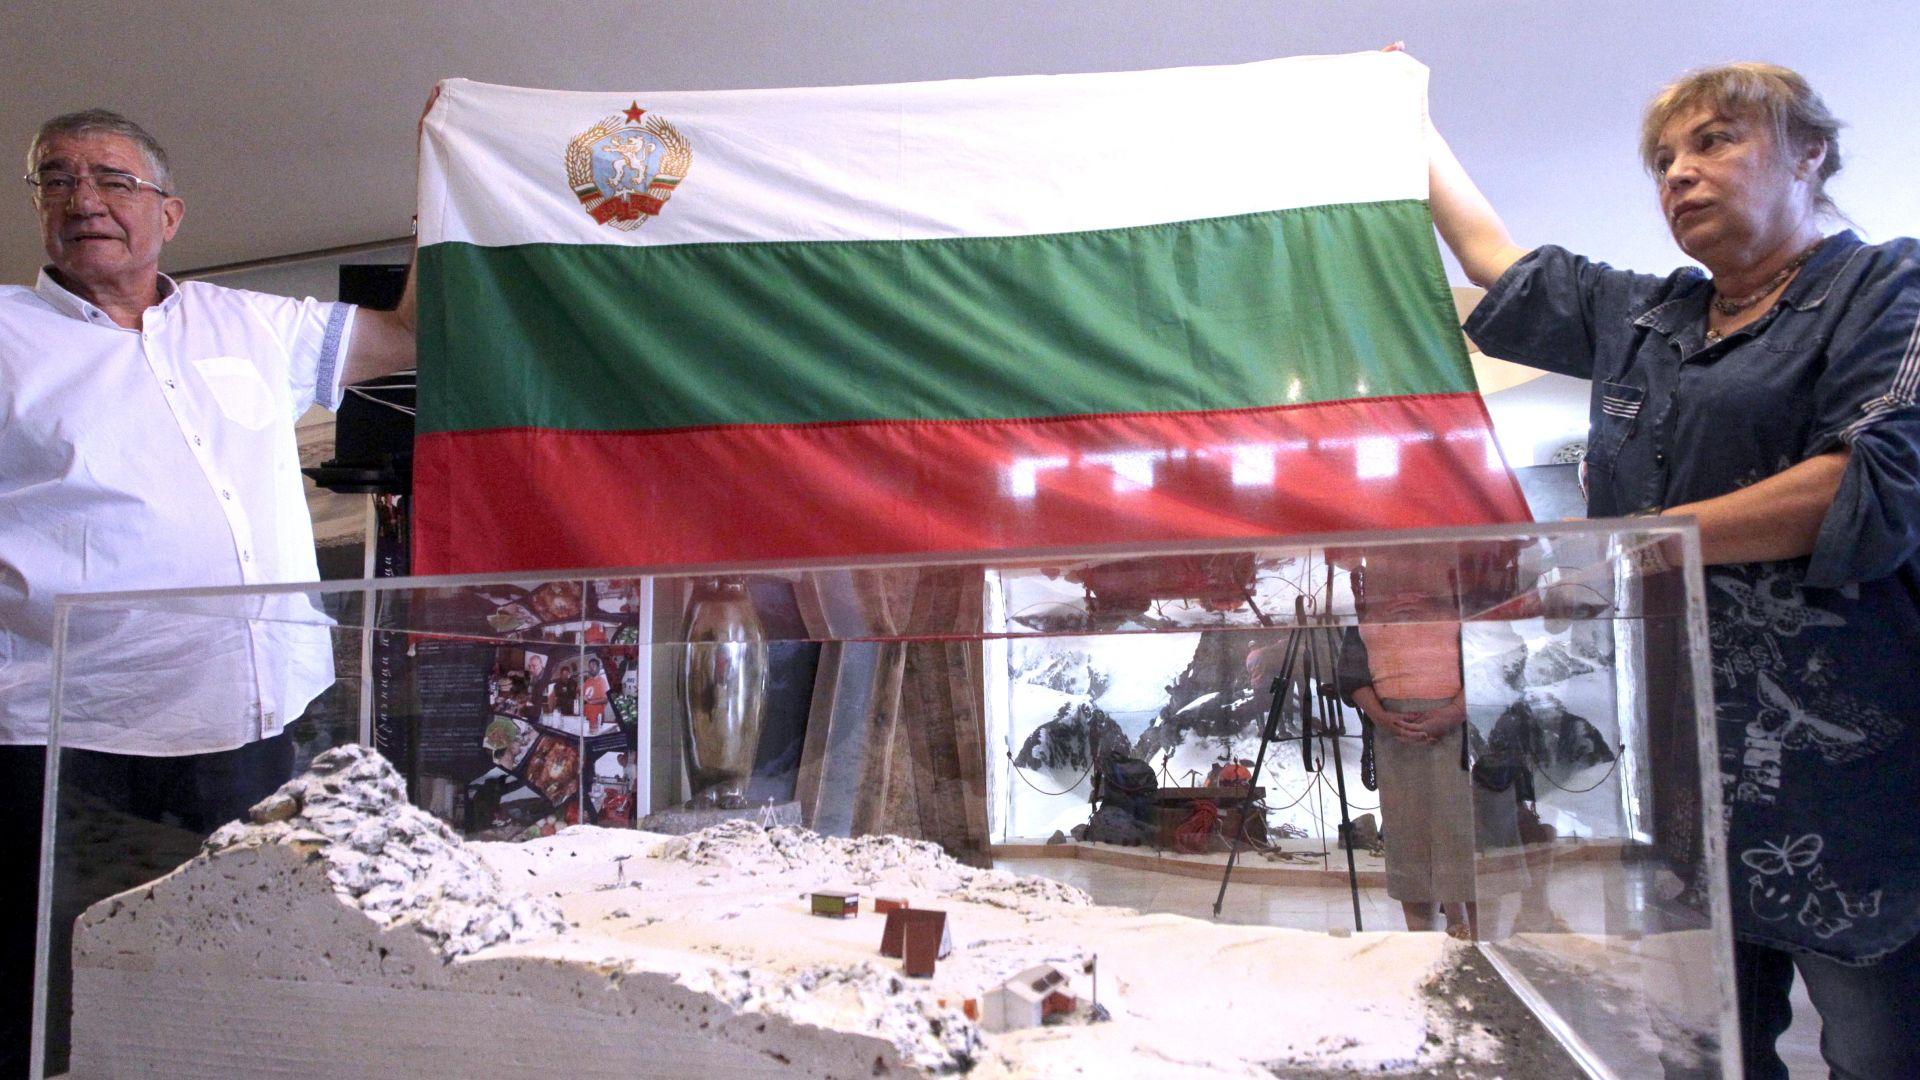 Първият български флаг от  Антарктида оцелял, излагат го в НИМ